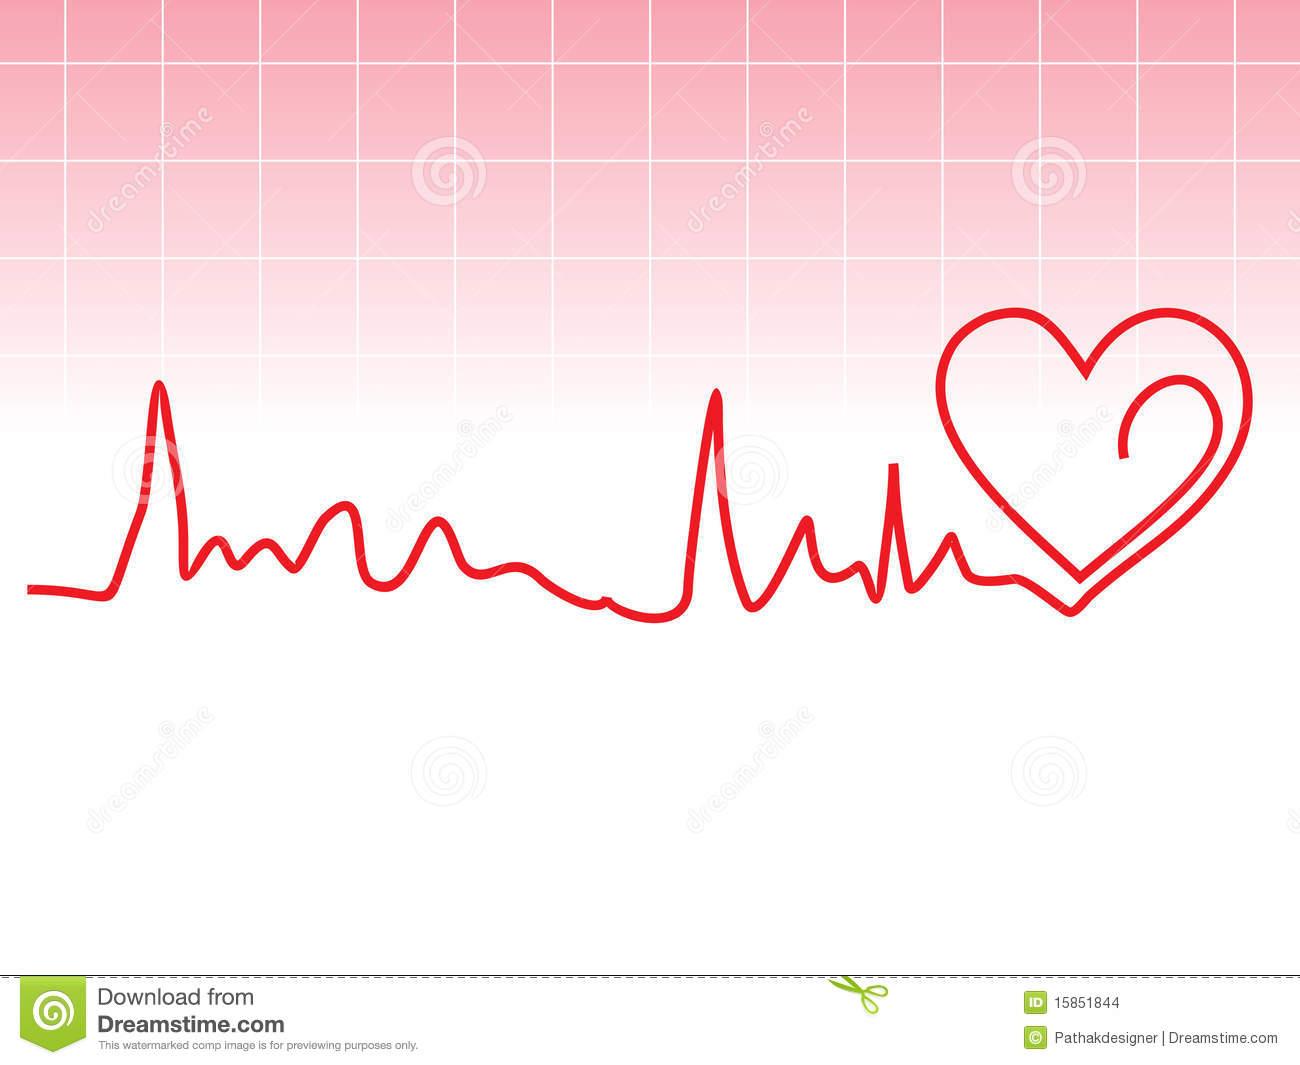 heart rhythm line clipart - Clipground